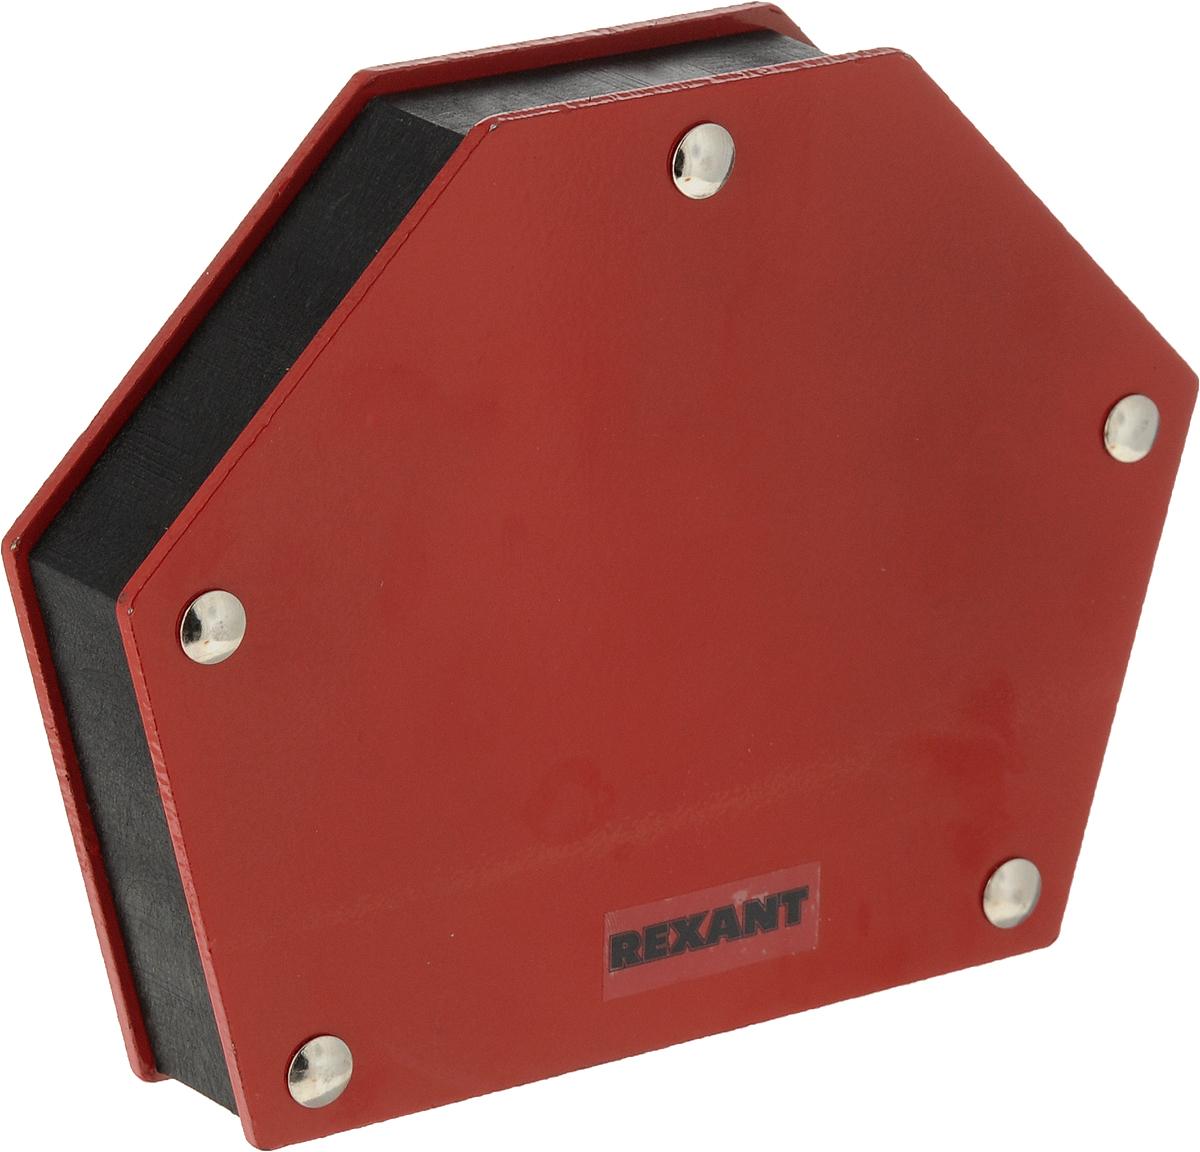 Магнитный угольник Rexant, держатель для сварки на 6 углов, усилие 34 кг12-4833Магнитный угольник держатель для сварки на 6 углов усилие 34 Кг Rexant, предназначен для фиксации металлических деталей при сварке, пайке и сборке конструкций. Применяется для работы с круглыми и прямоугольными трубами, полосами, уголками, профилями, листовым, сплошным и другими видами металла. Угольник быстро и надежно соединяет детали, сокращает время работы, облегчает монтаж и заменяет громоздкие зажимы и неудобные струбцины. Углы: 30°, 45°, 60°, 75°, 90°, 135°. Максимальное усилие — 34 кг (75 Lbs)